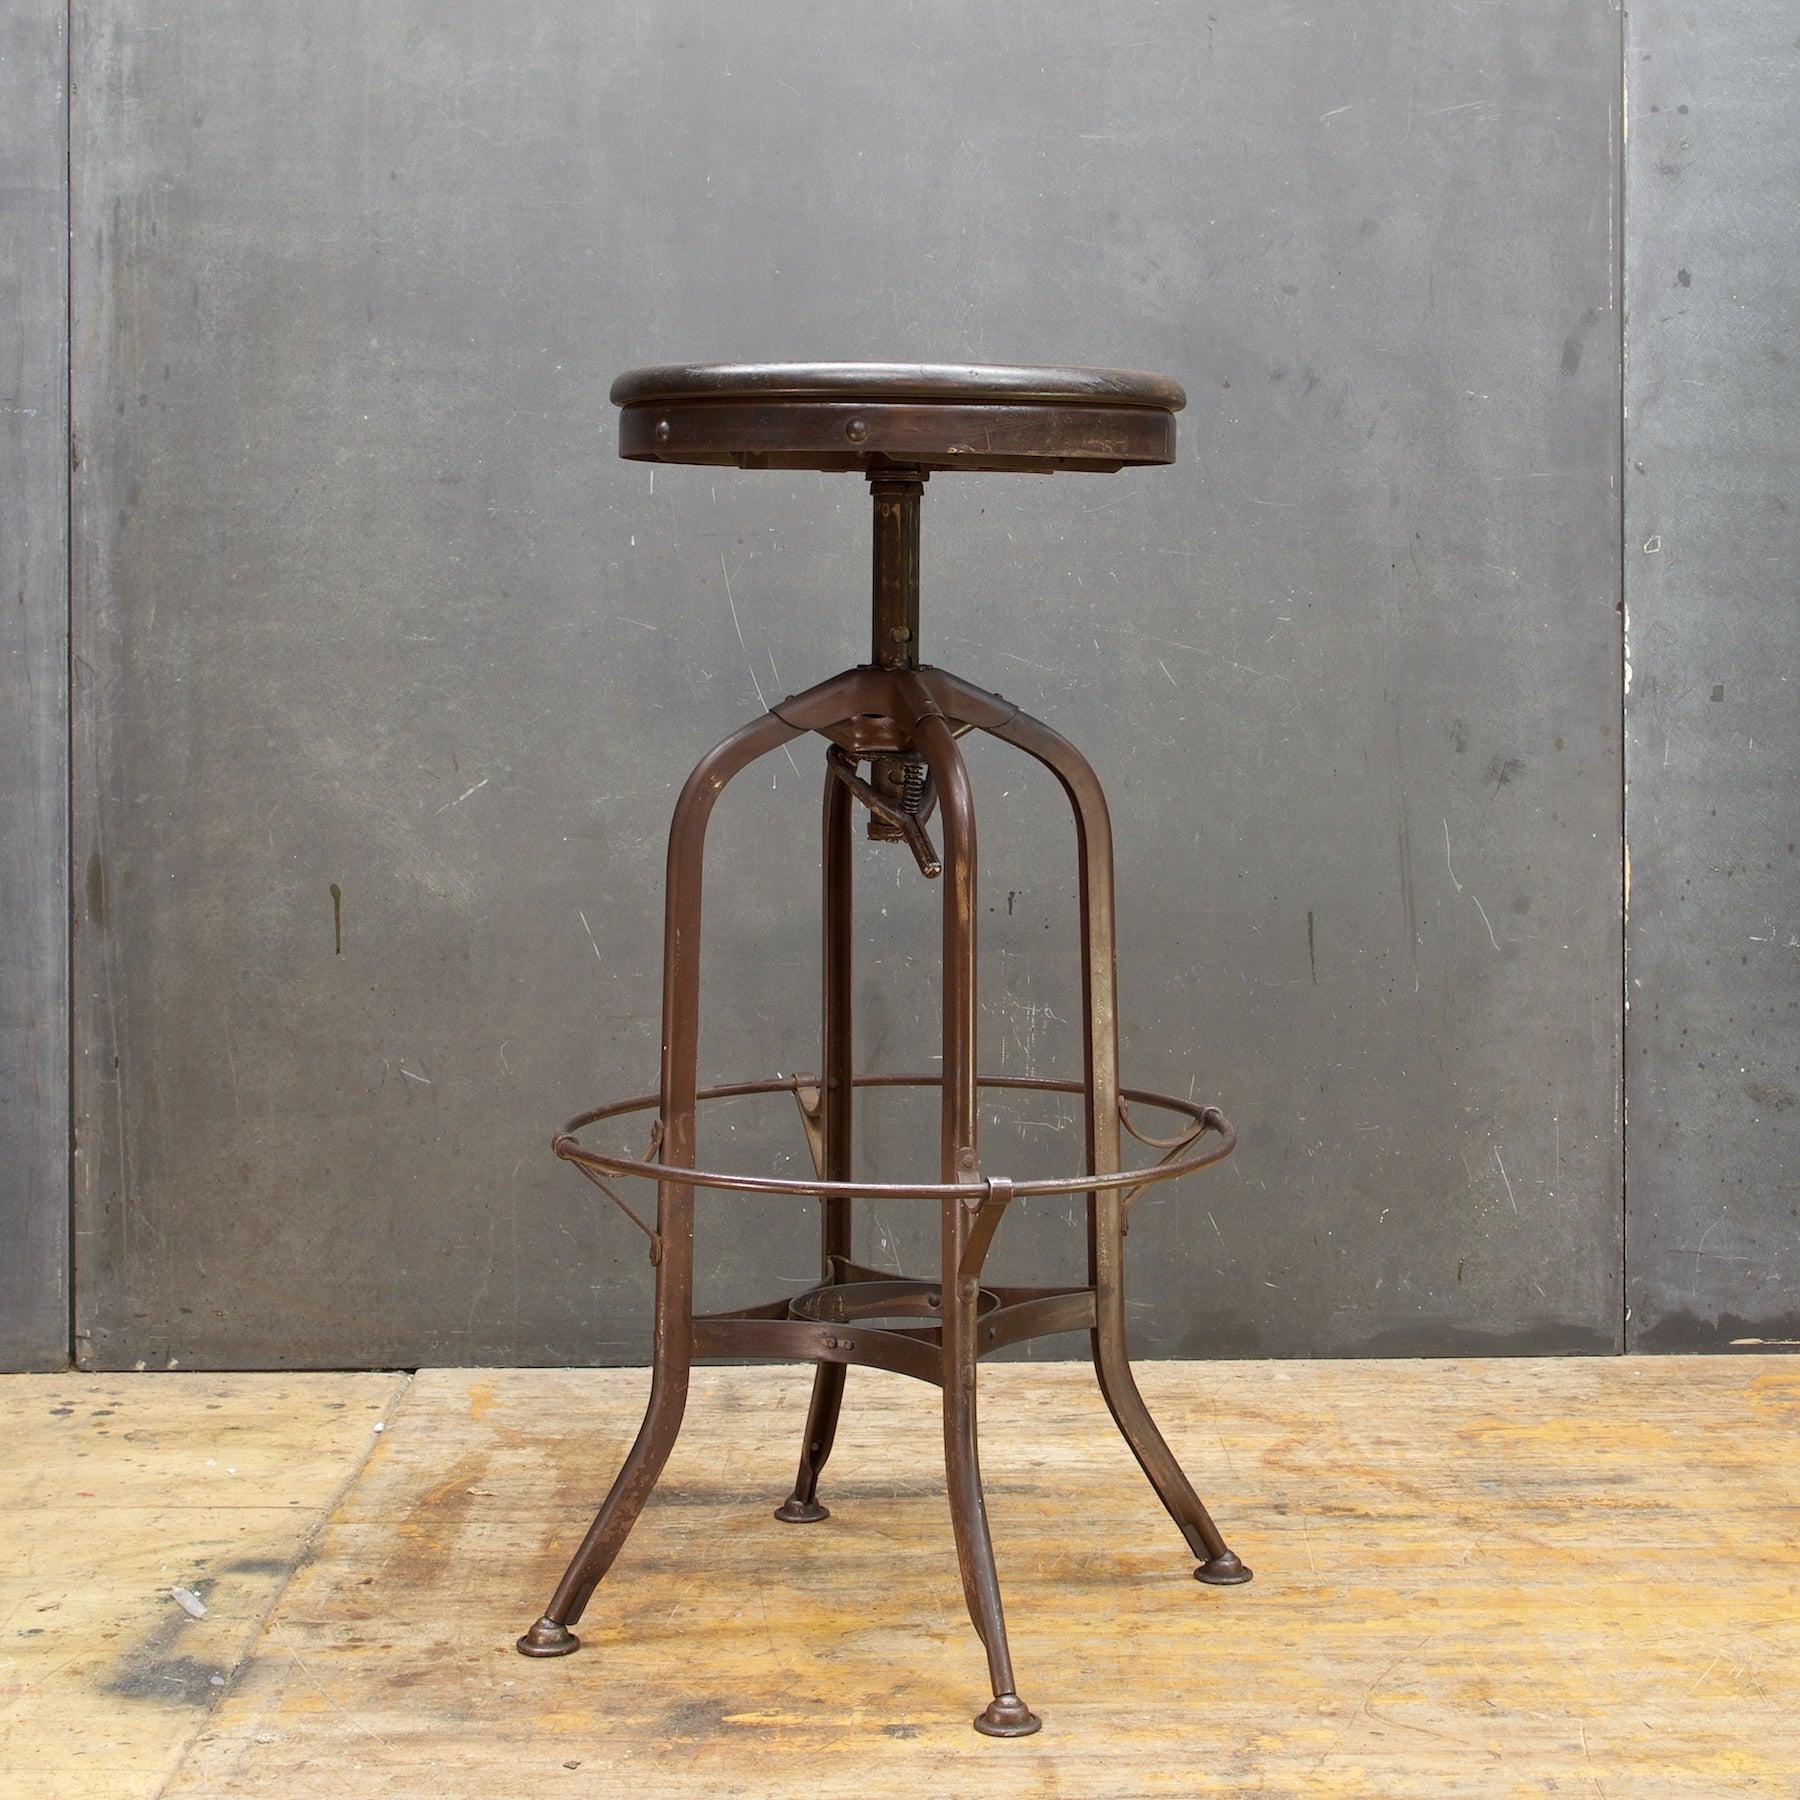 Vintage Toledo Industrial Factory Workshop or Bar Stool Adjustable at 1stdibs